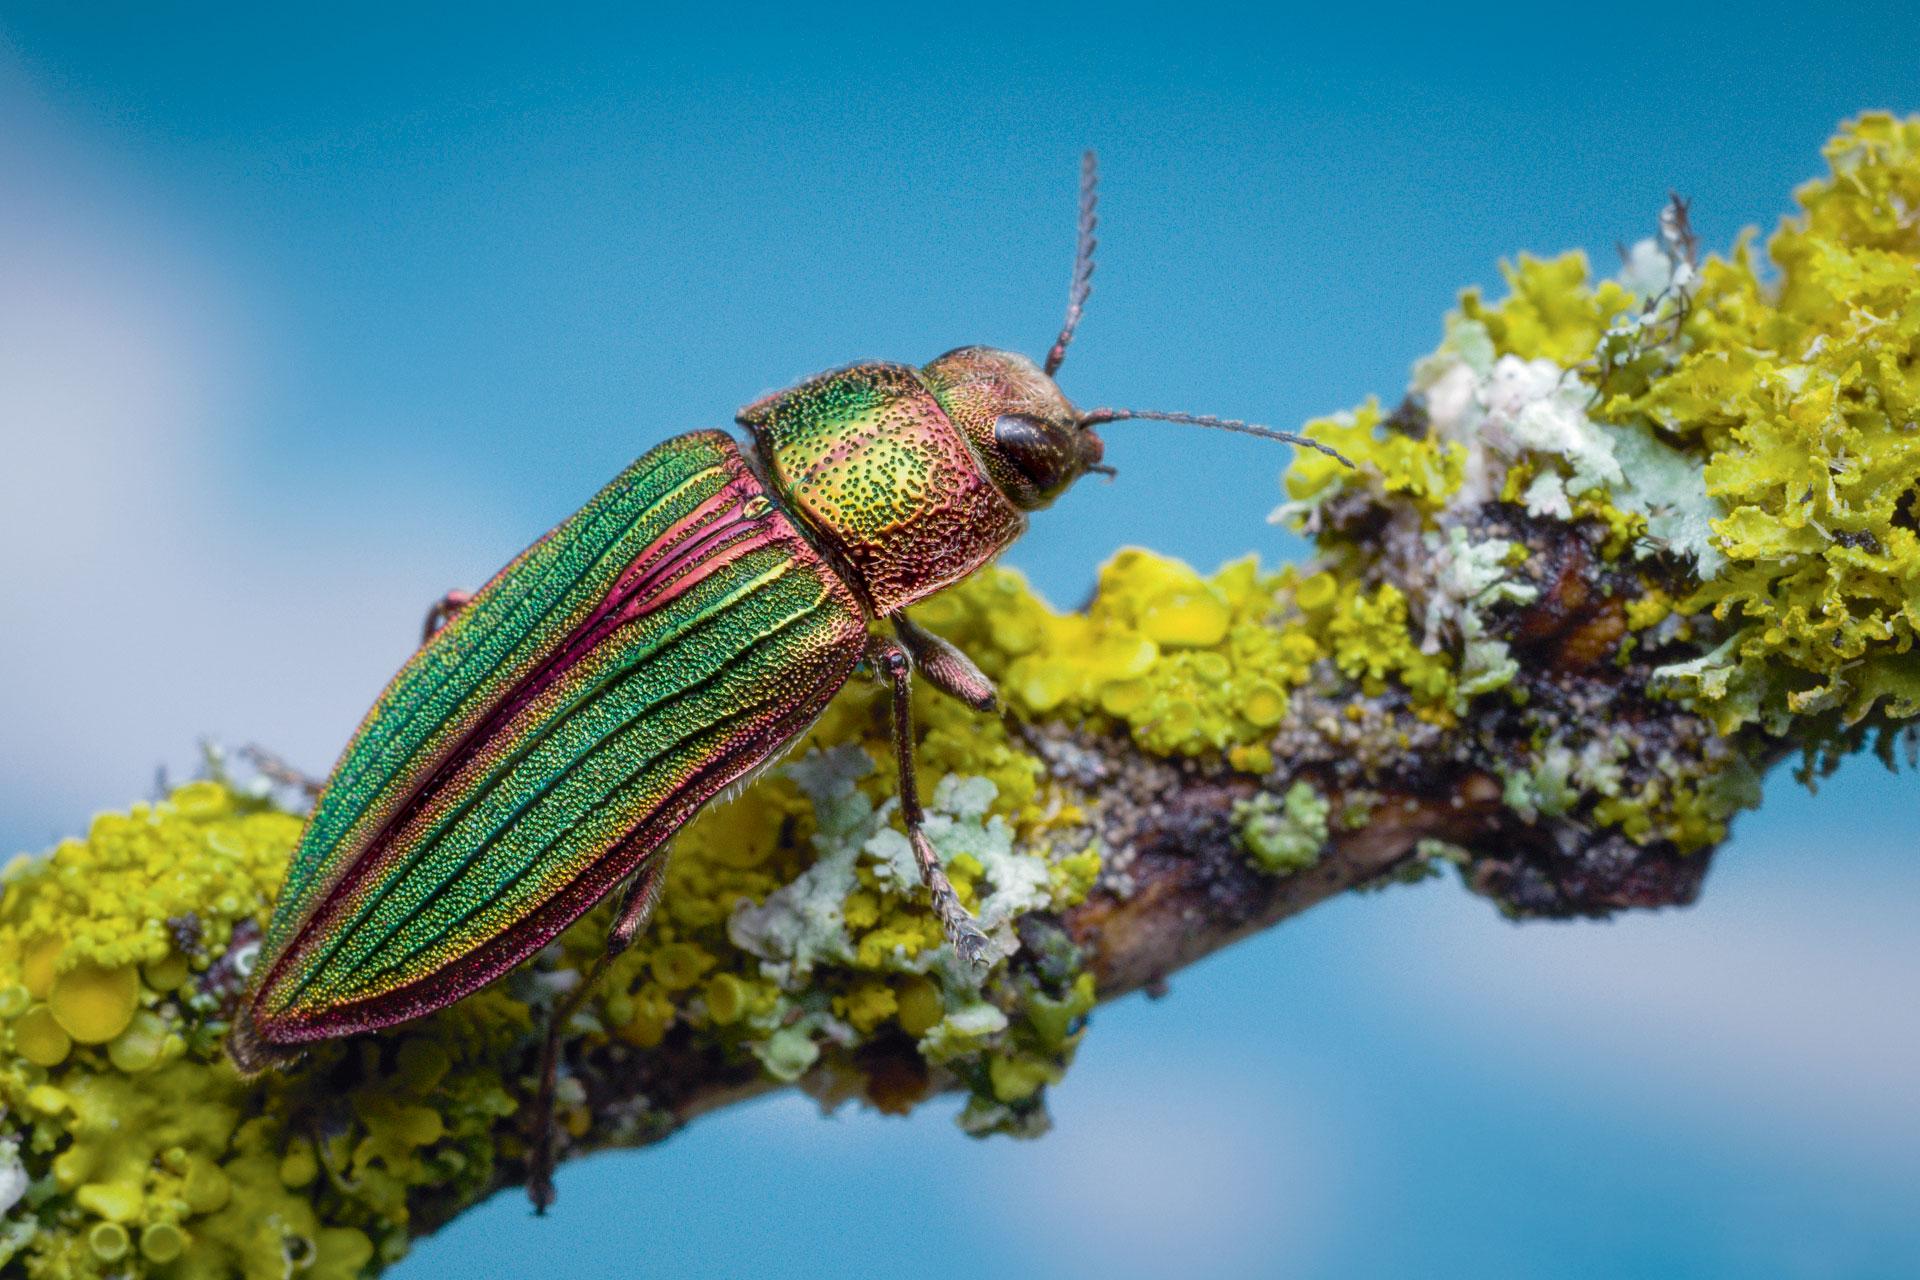 Quel insecte vit le plus longtemps ?